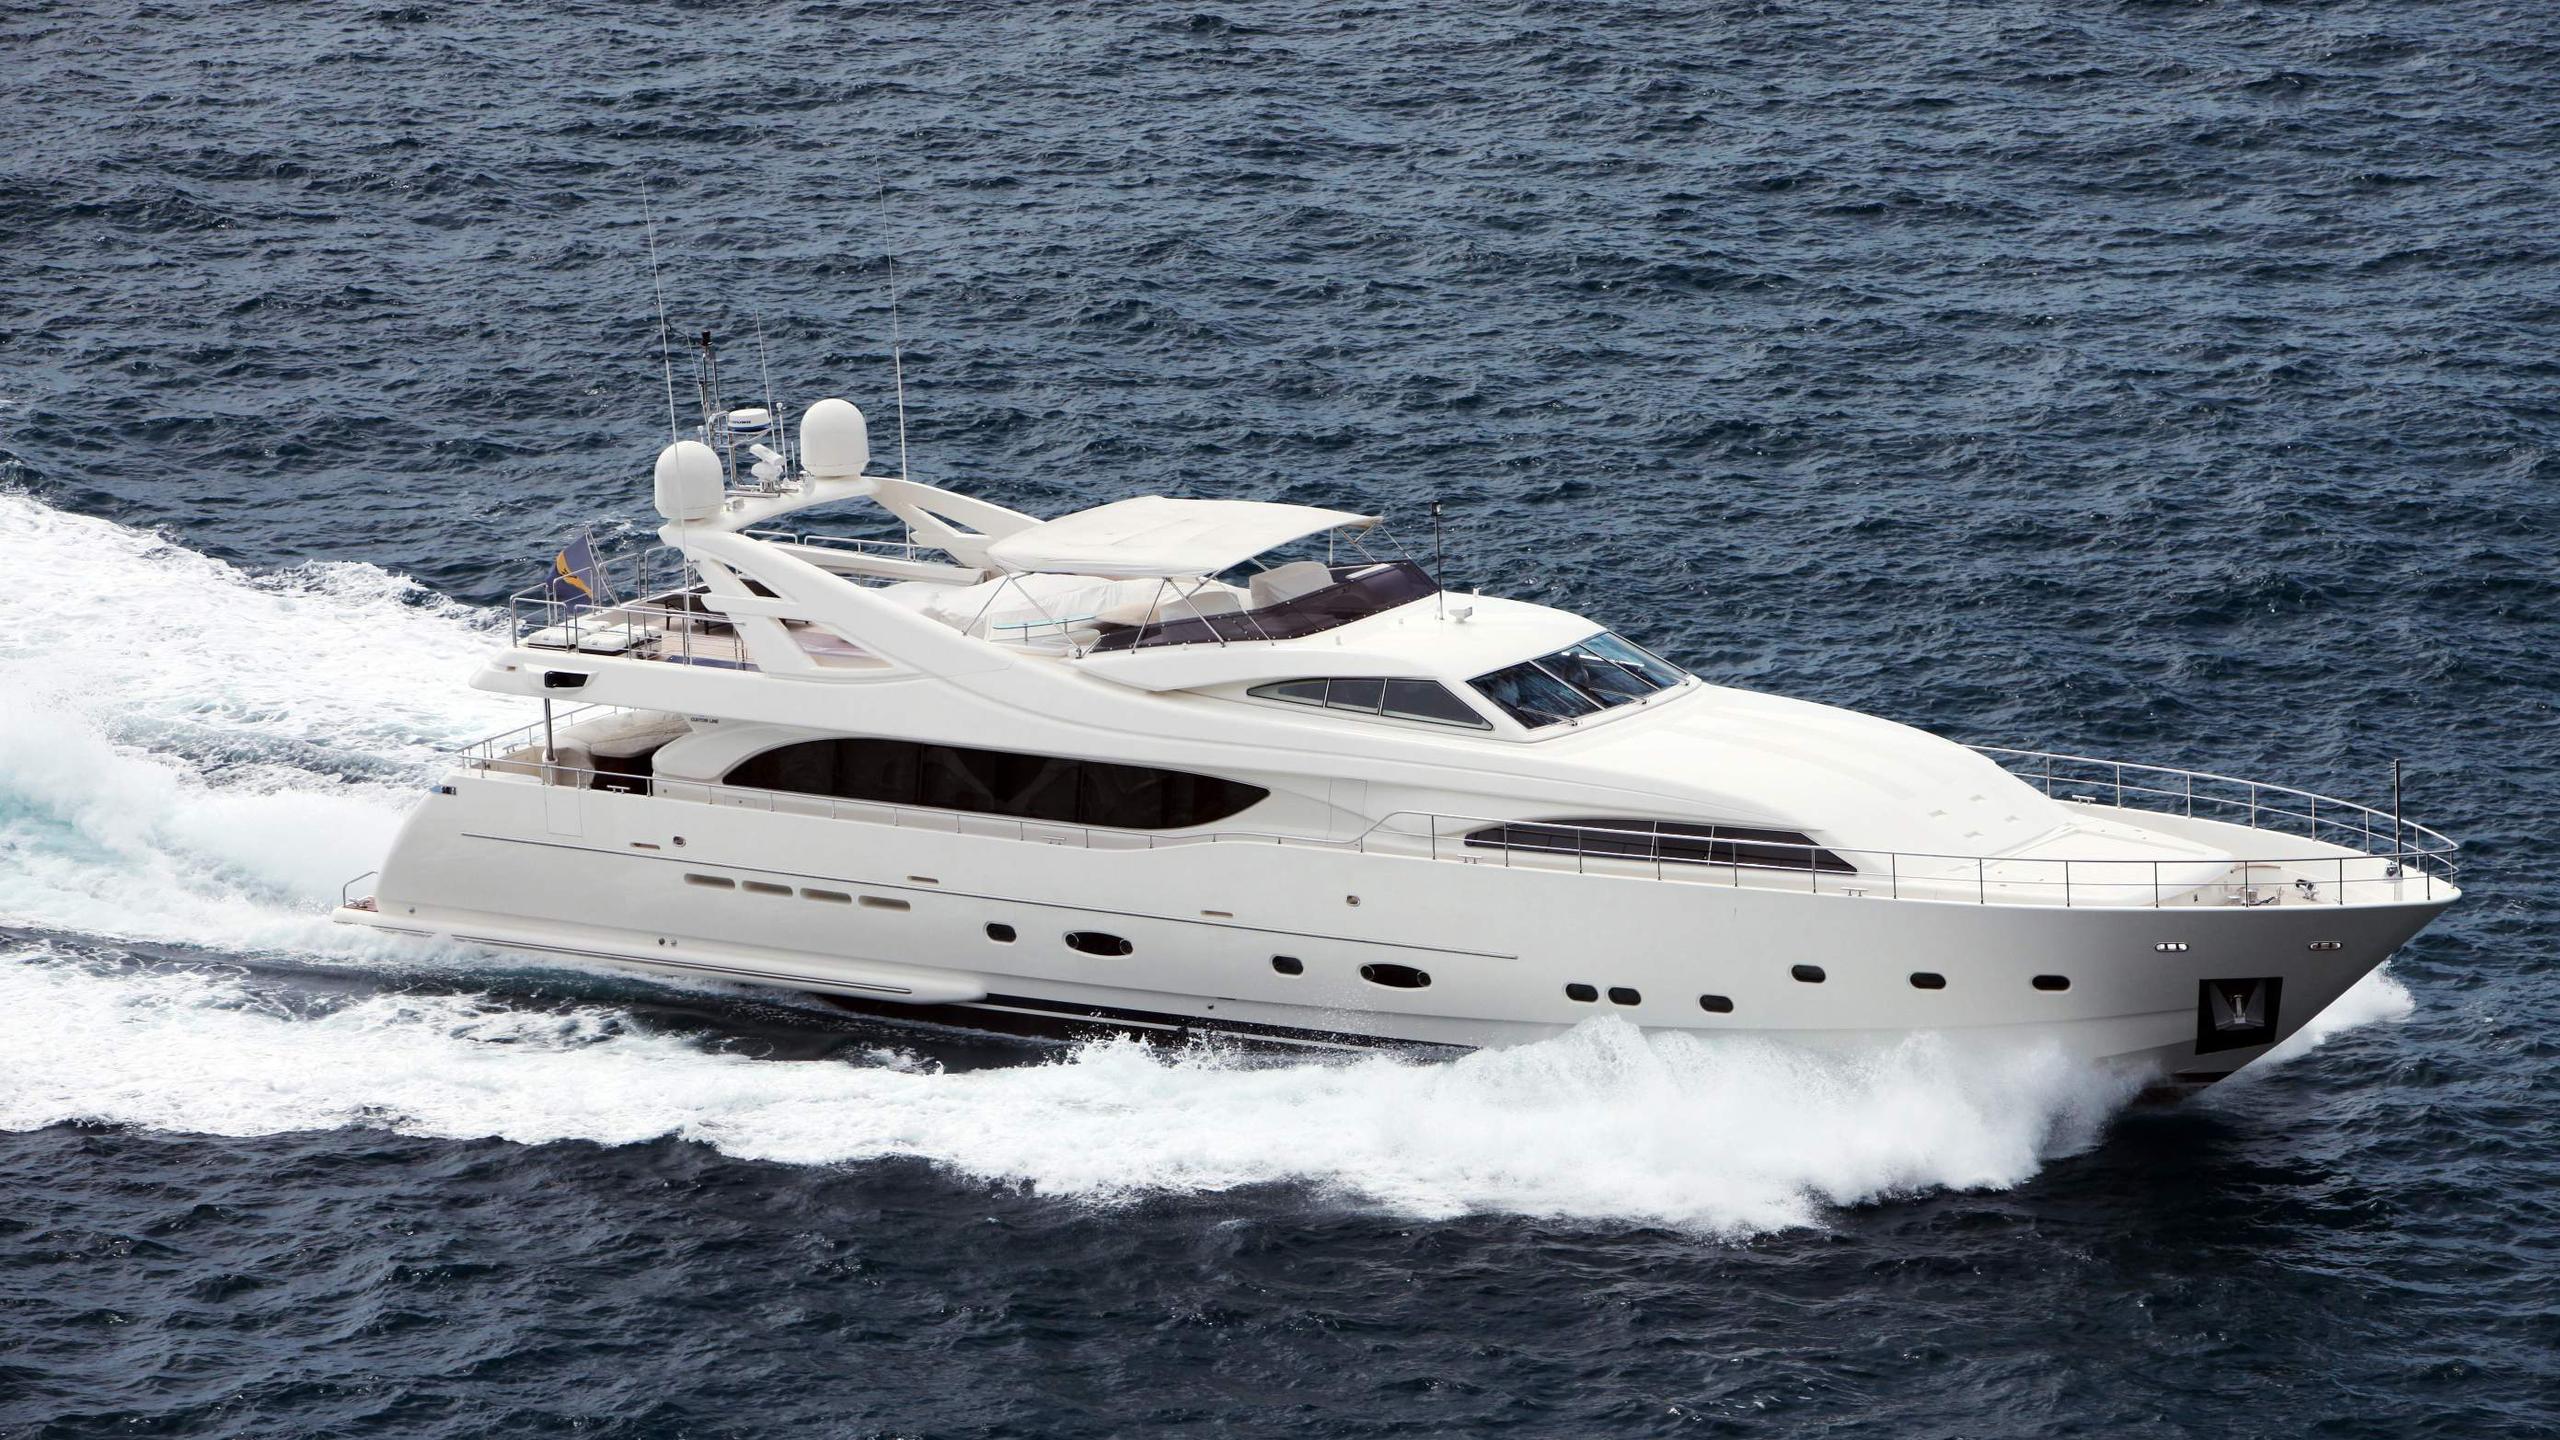 lady-maria-yacht-at-sea